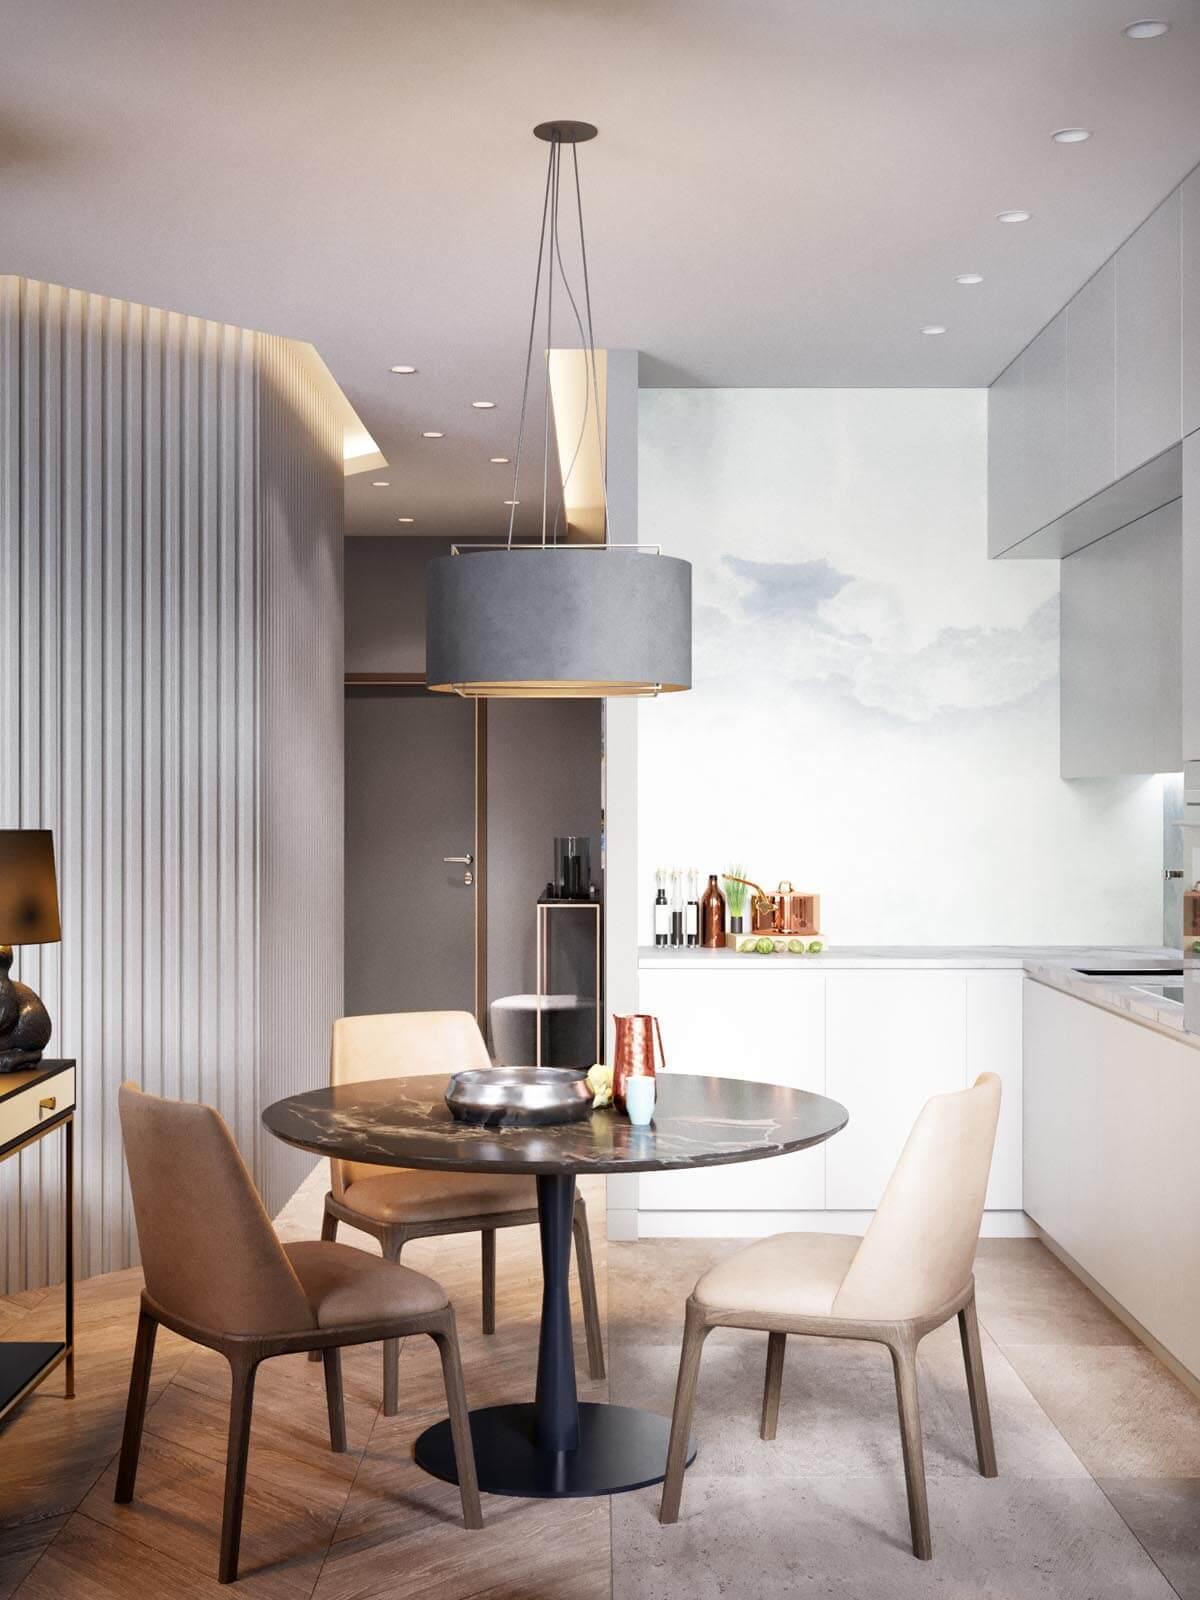 Mẫu thiết kế nội thất chung cư 50m2